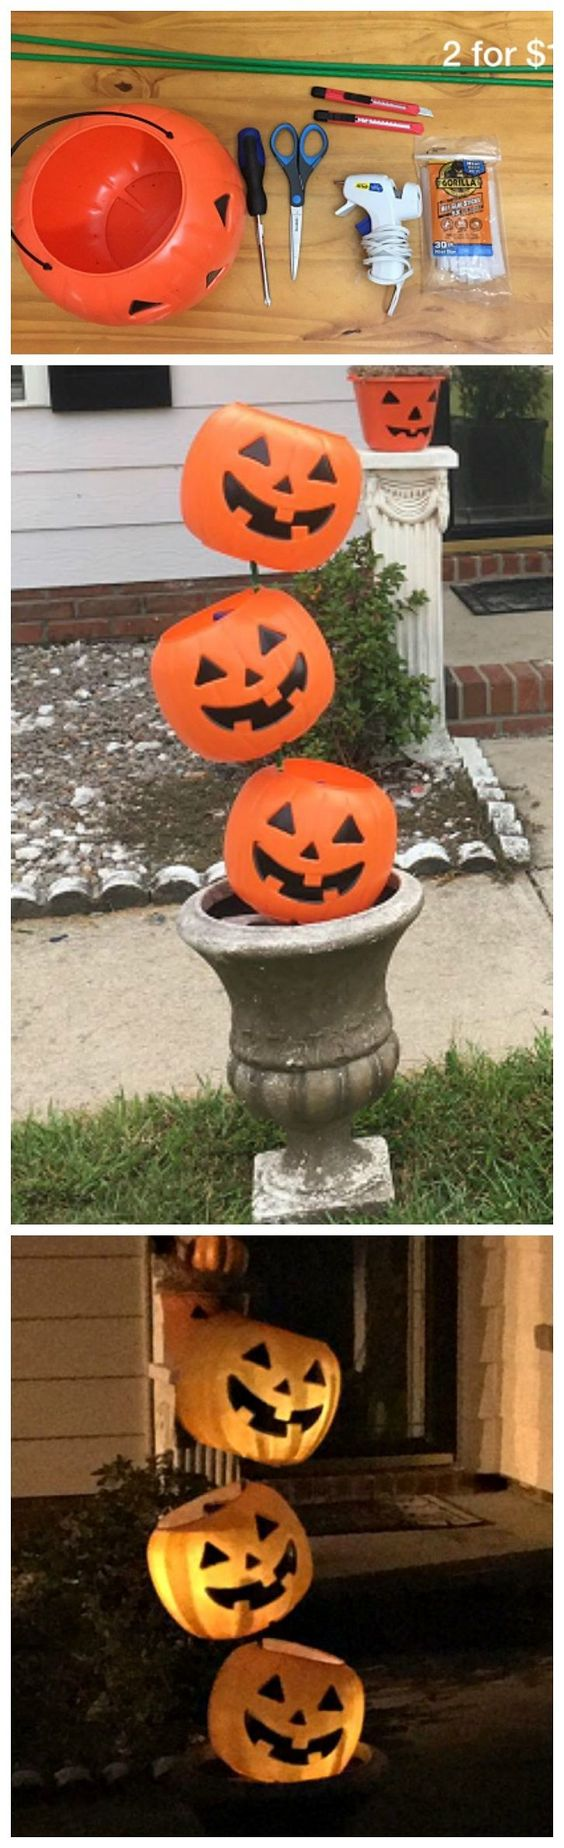 4. Pumpkin Baskets Lights